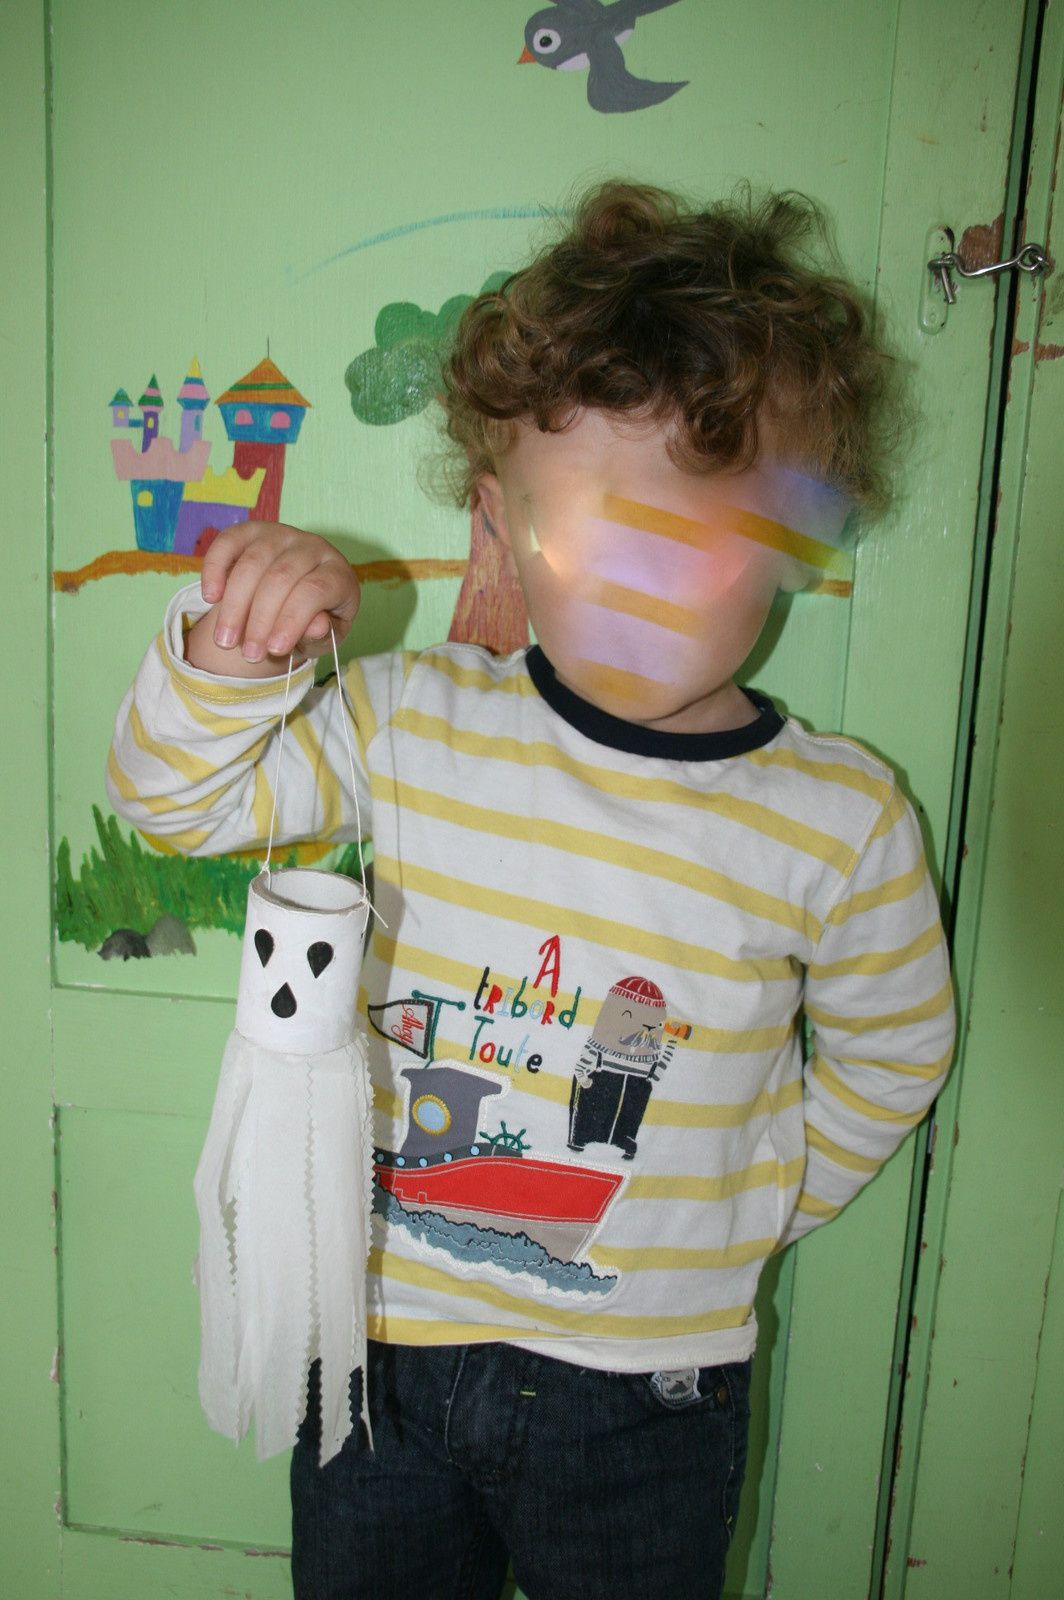 la citrouille et le fantome recup rouleau et mouchoirs (pas récup lol !!!!) vous voyez un bébé en pleine action. la chauve-souris est en recup. plateau (boite) à oeufs.